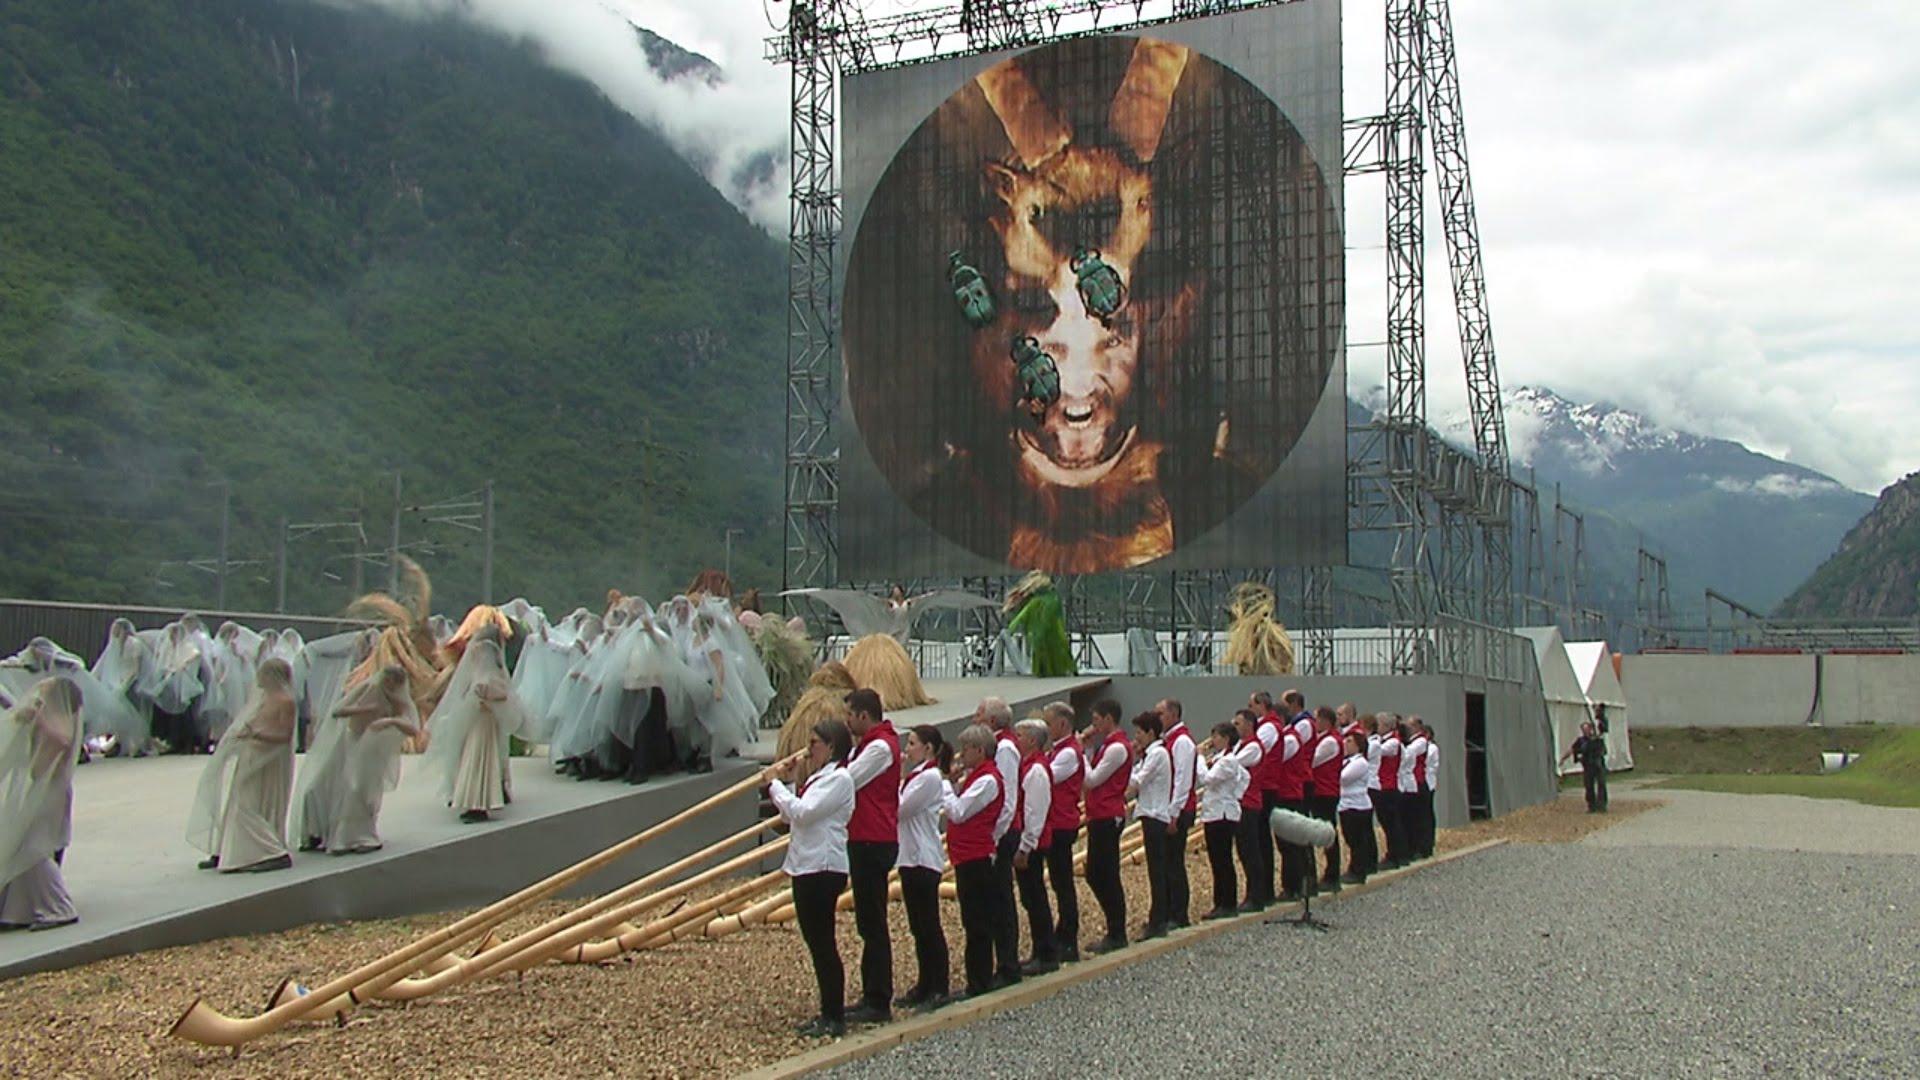 Descarada REPRESENTACIÓN SATÁNICA en la Inauguración del Túnel Más Largo del Mundo